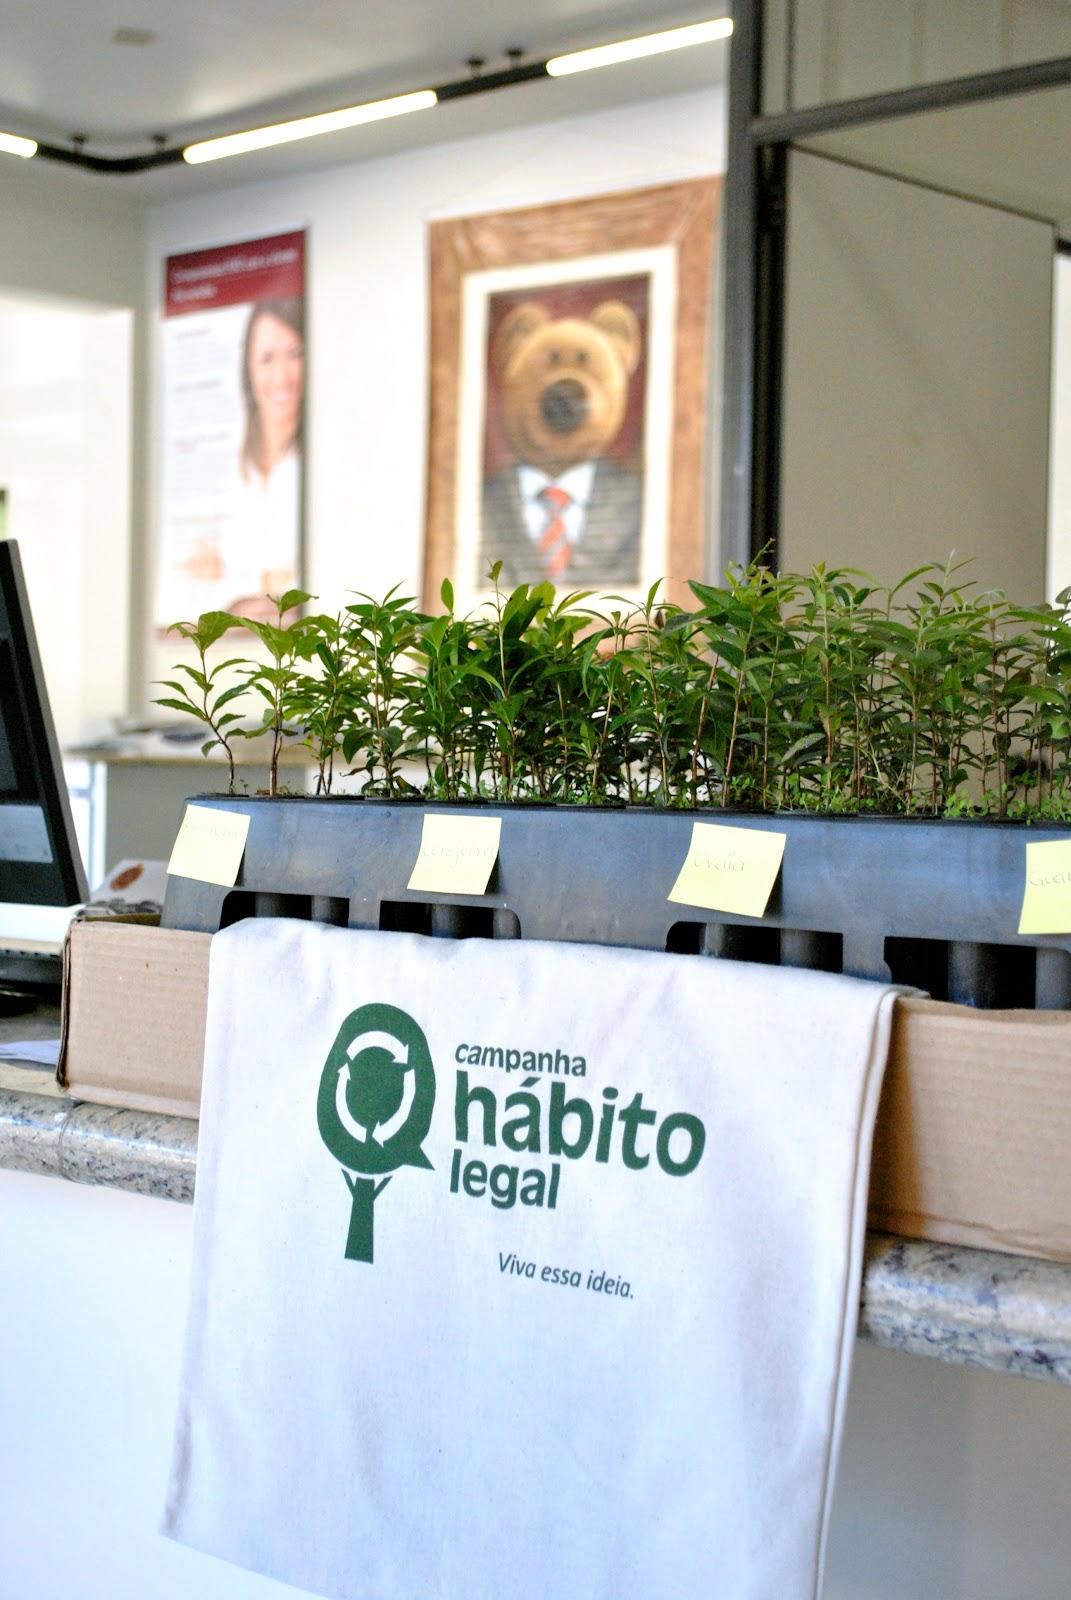 Hábito Legal: Carboni Fiat está distribuindo 150 mudas de árvores nativas para clientes habitolegal